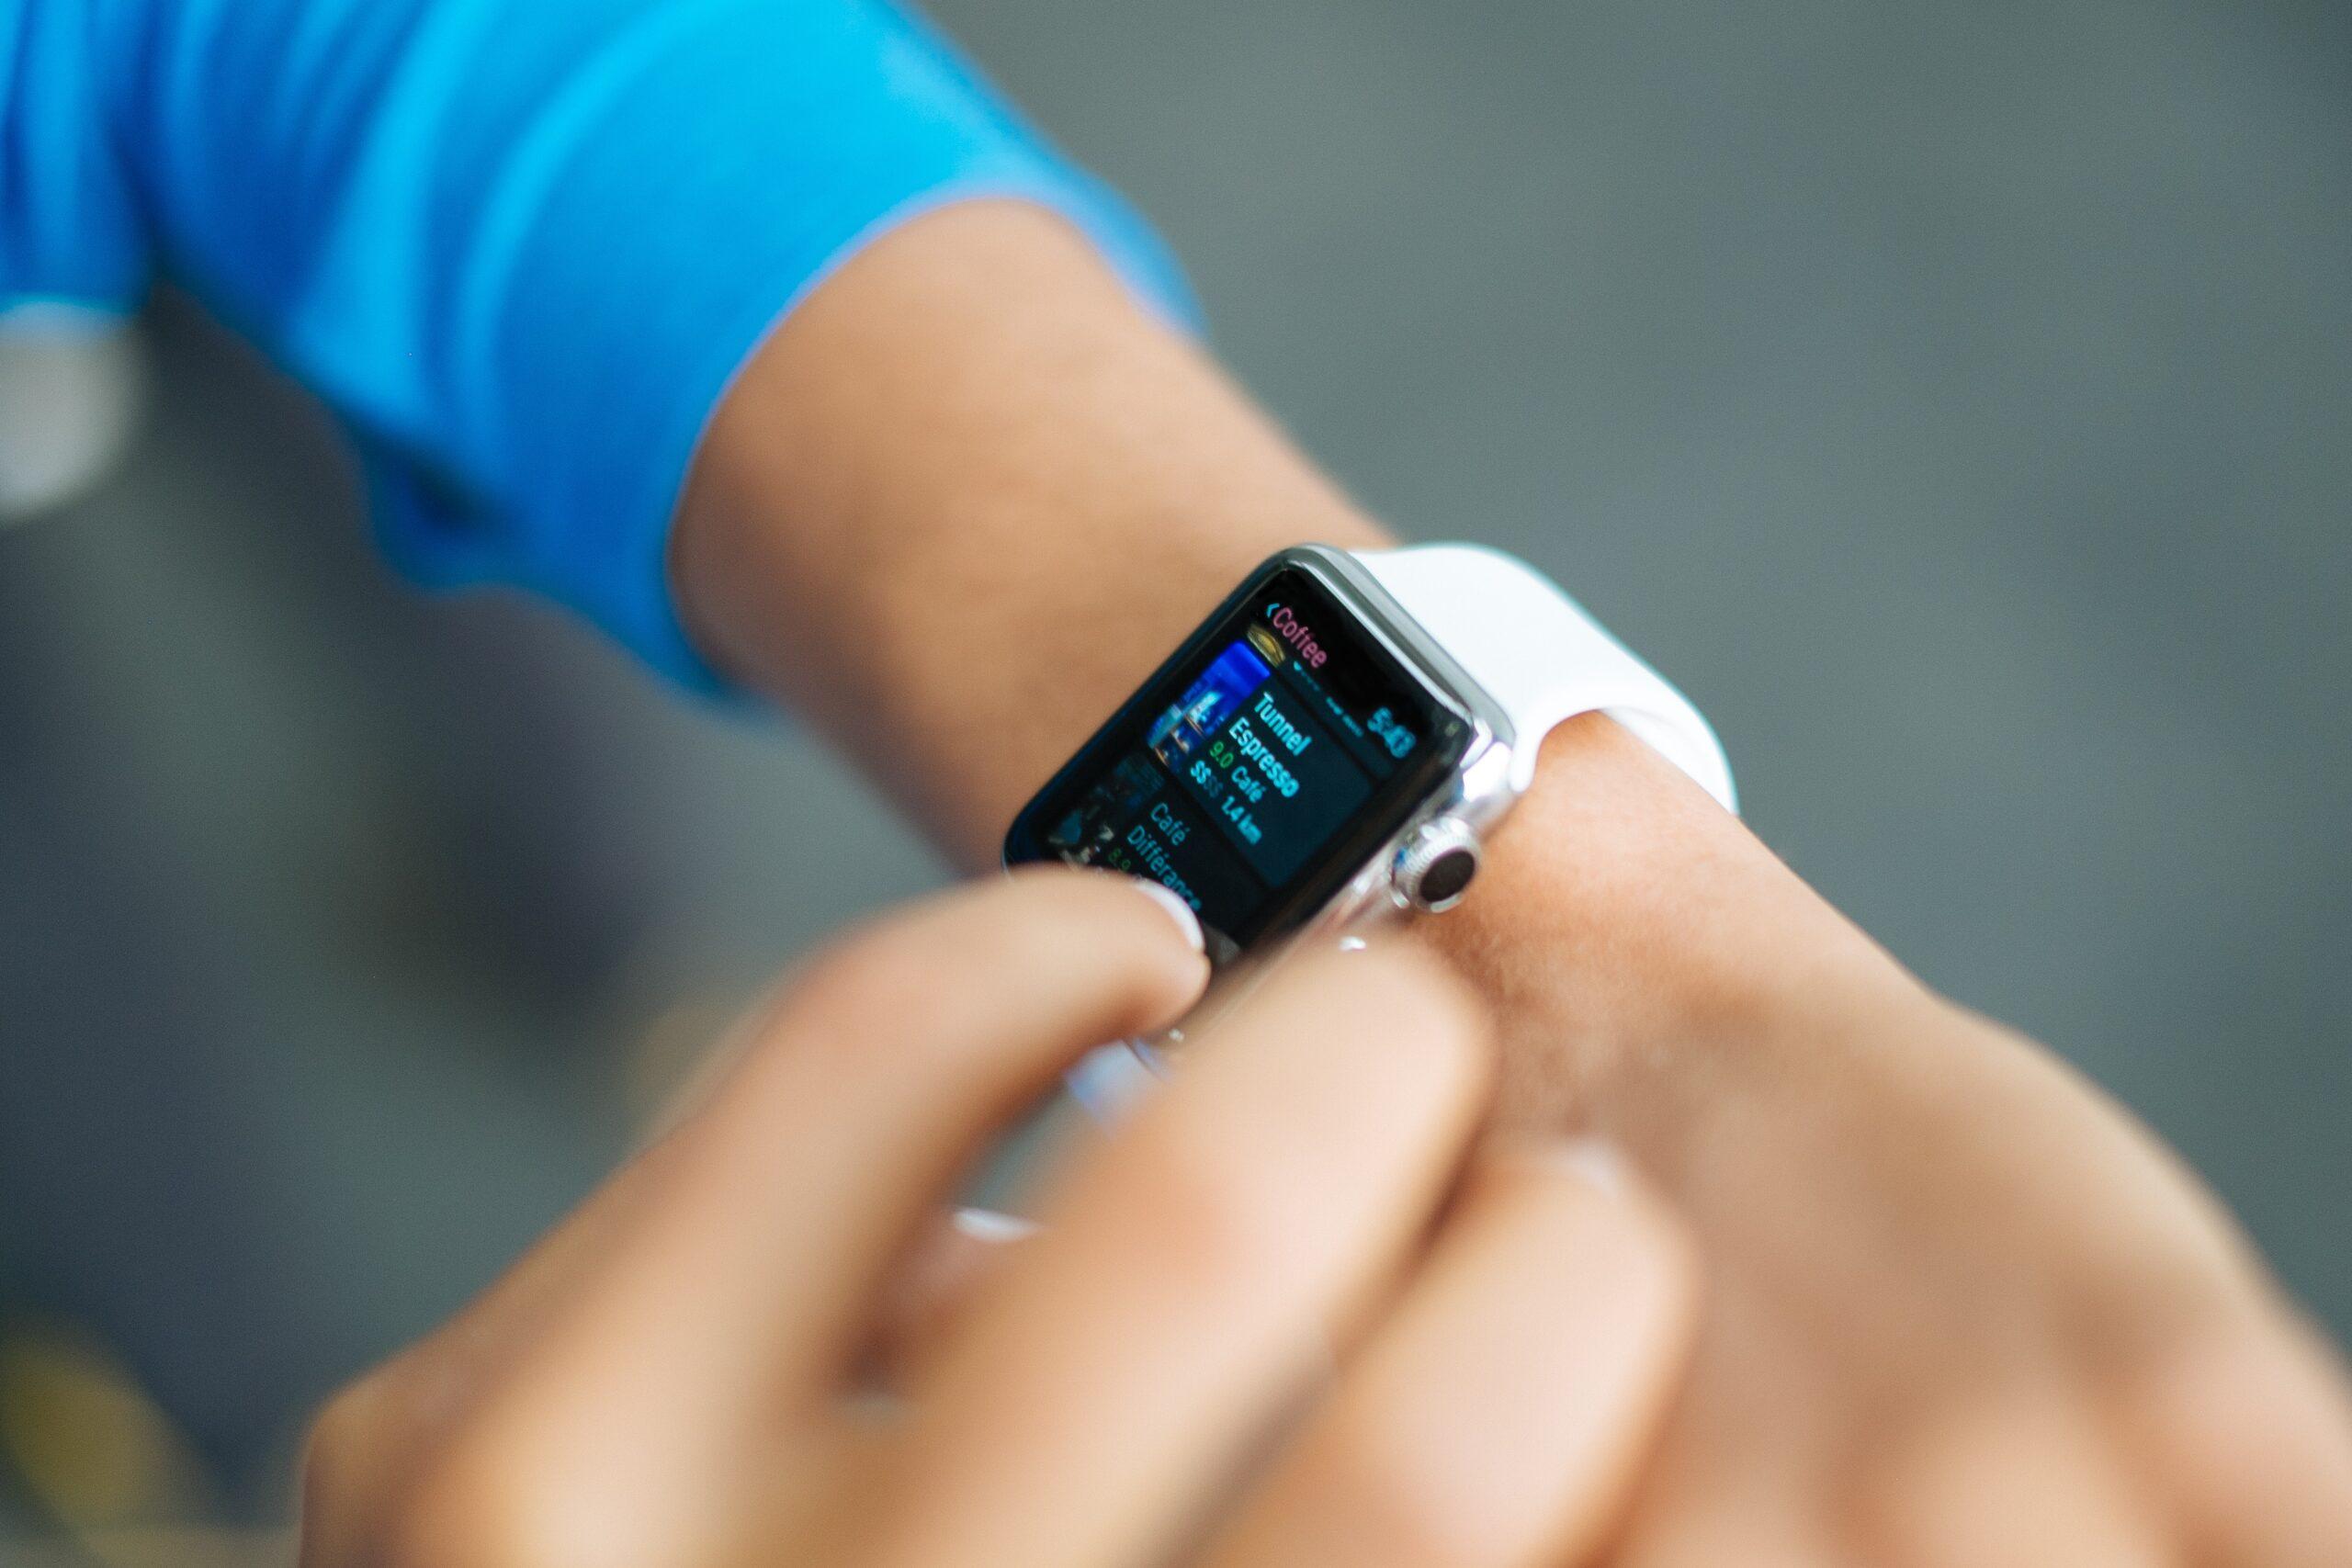 Voglia di uno smartwatch? Ecco come scegliere il modello più adatto thumbnail